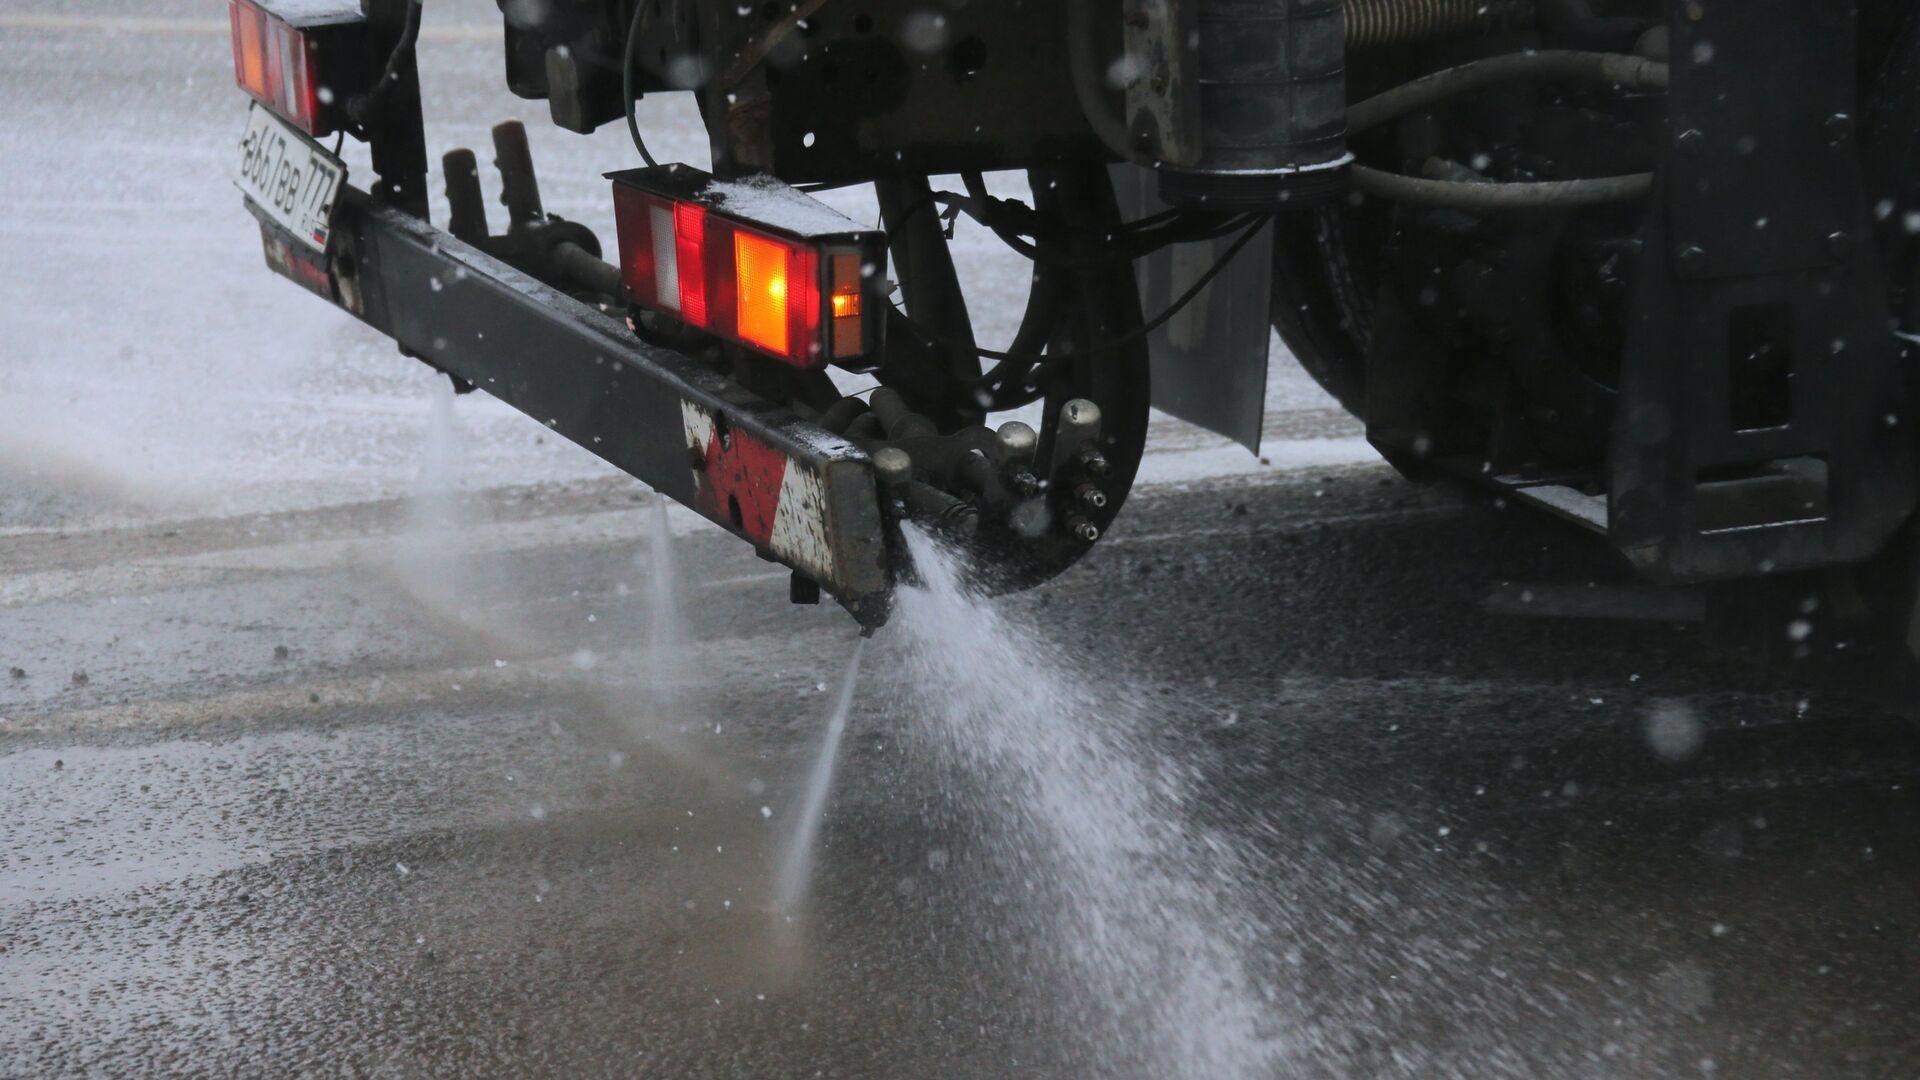 Снегоуборочная машина обрабатывает улицу противогололедным средством в Москве - РИА Новости, 1920, 05.01.2021